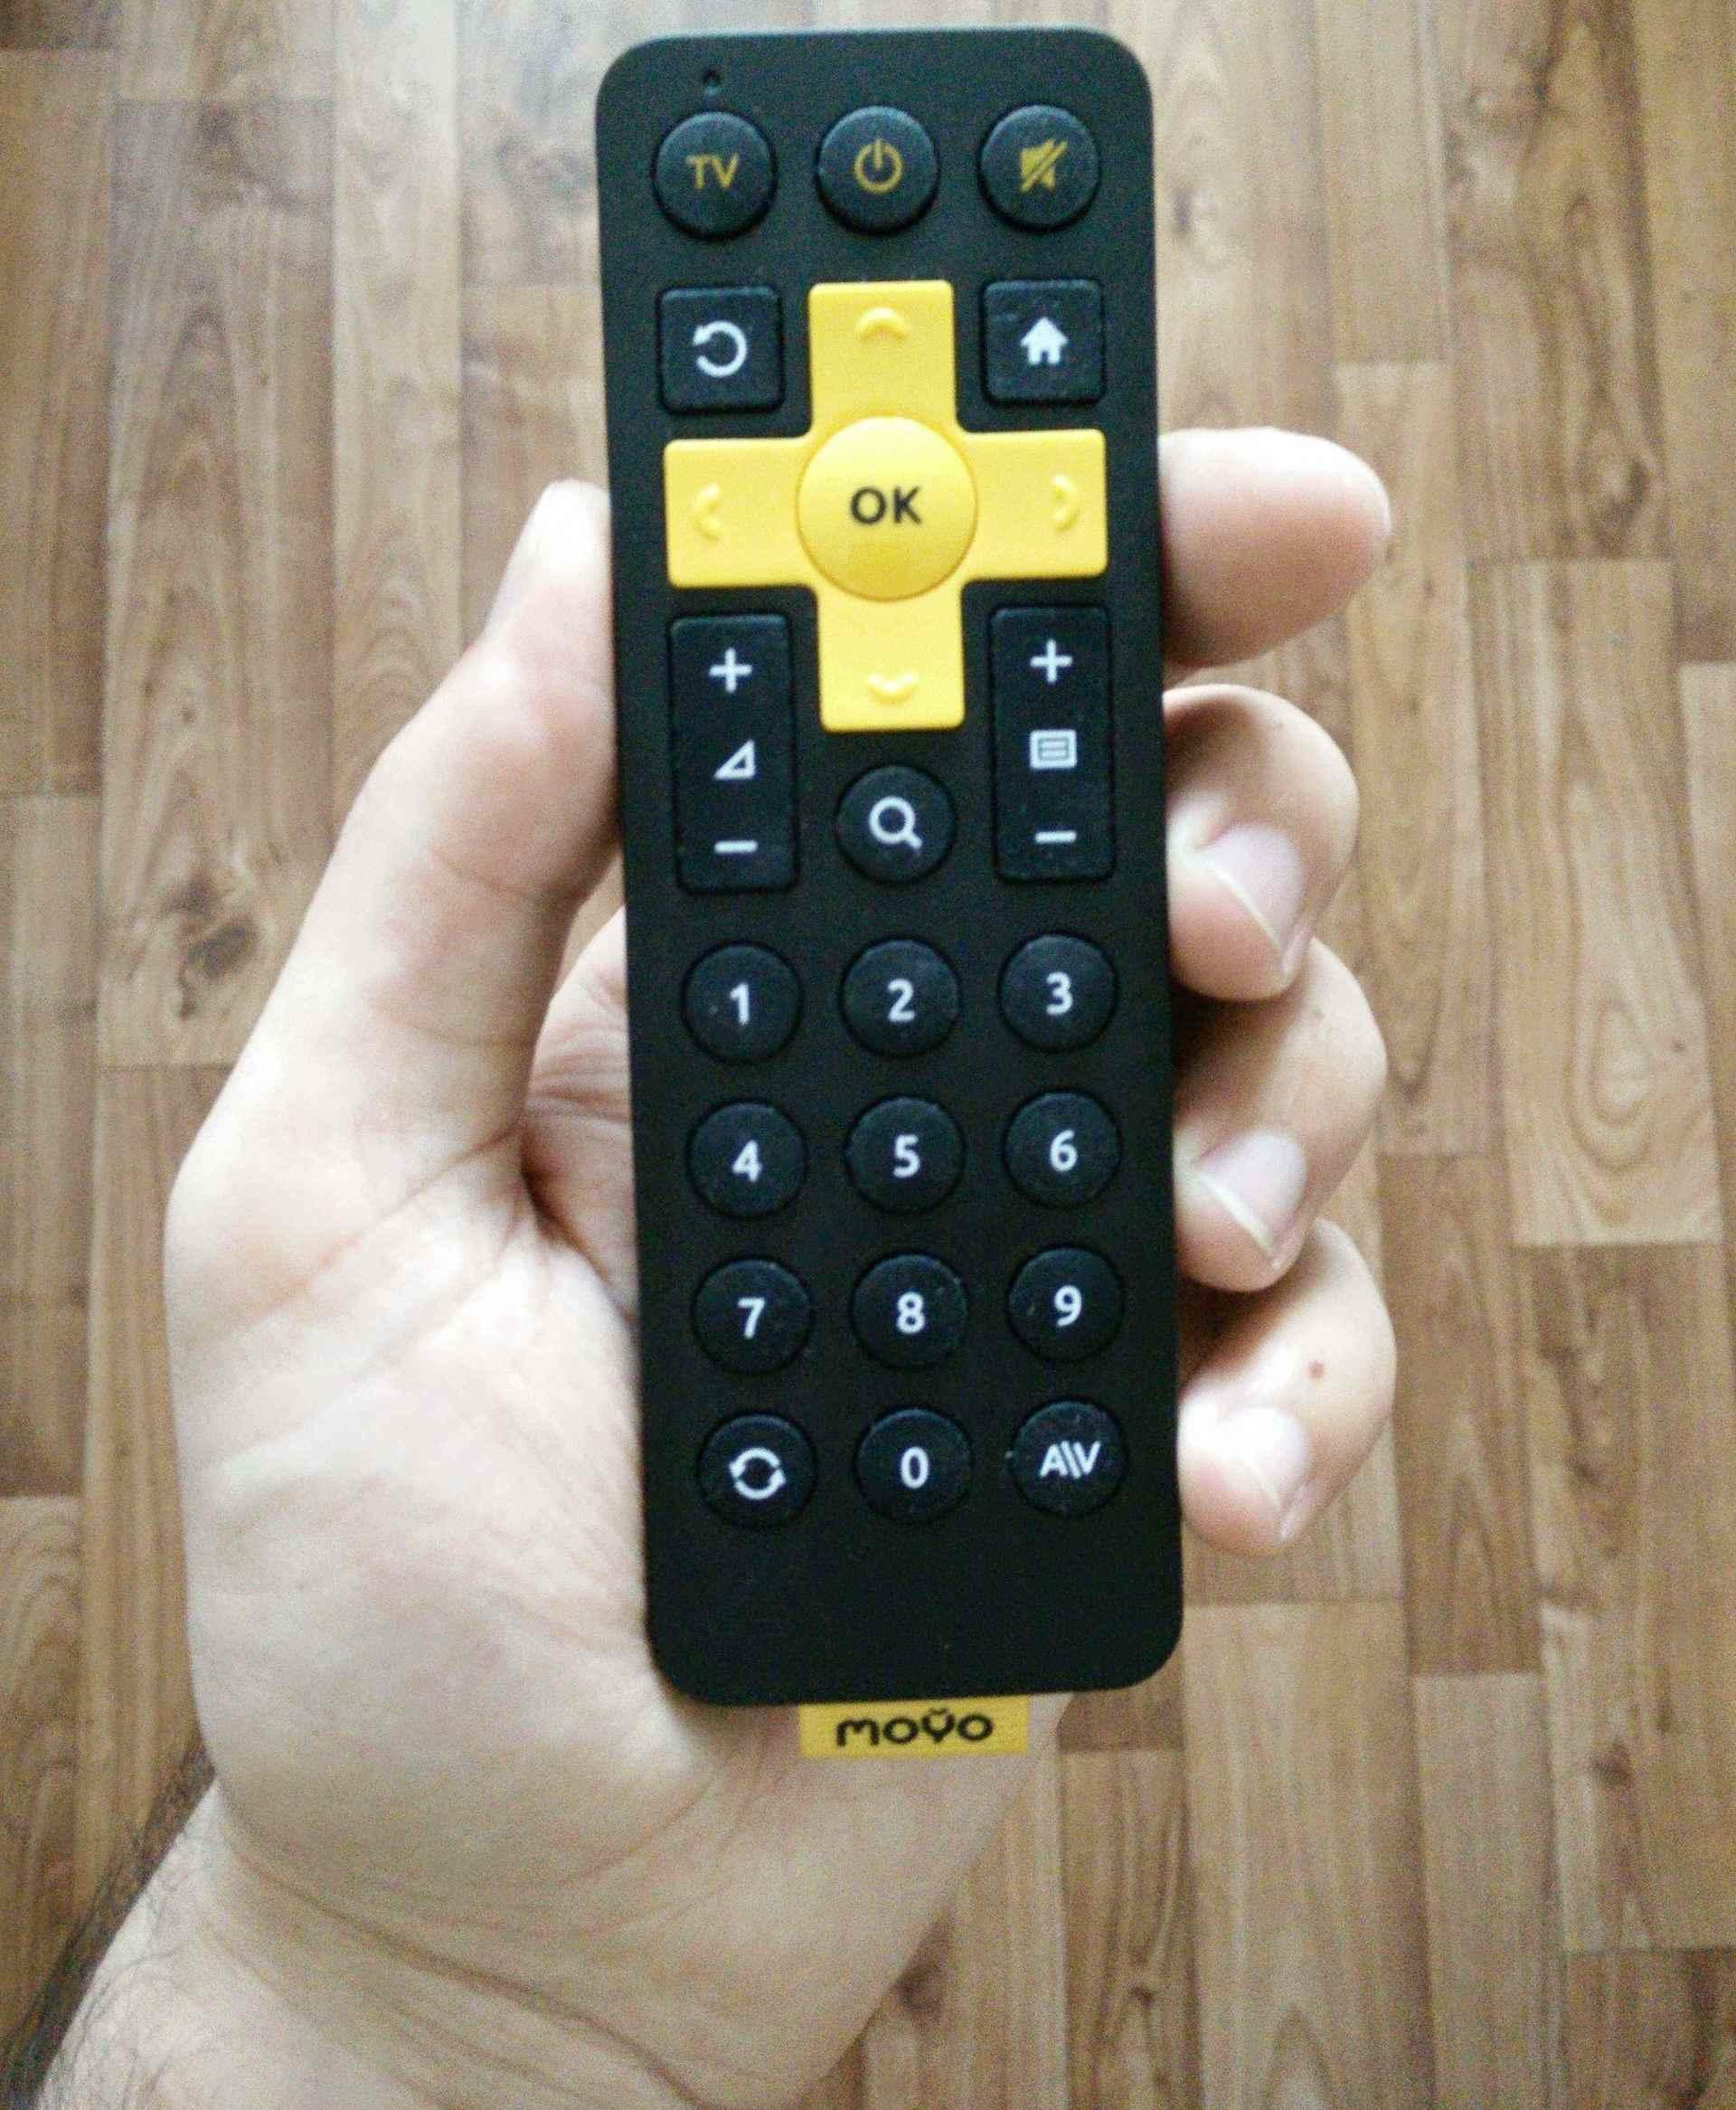 MOYO WOW — ТВ тоже может быть с интеллектом - 15